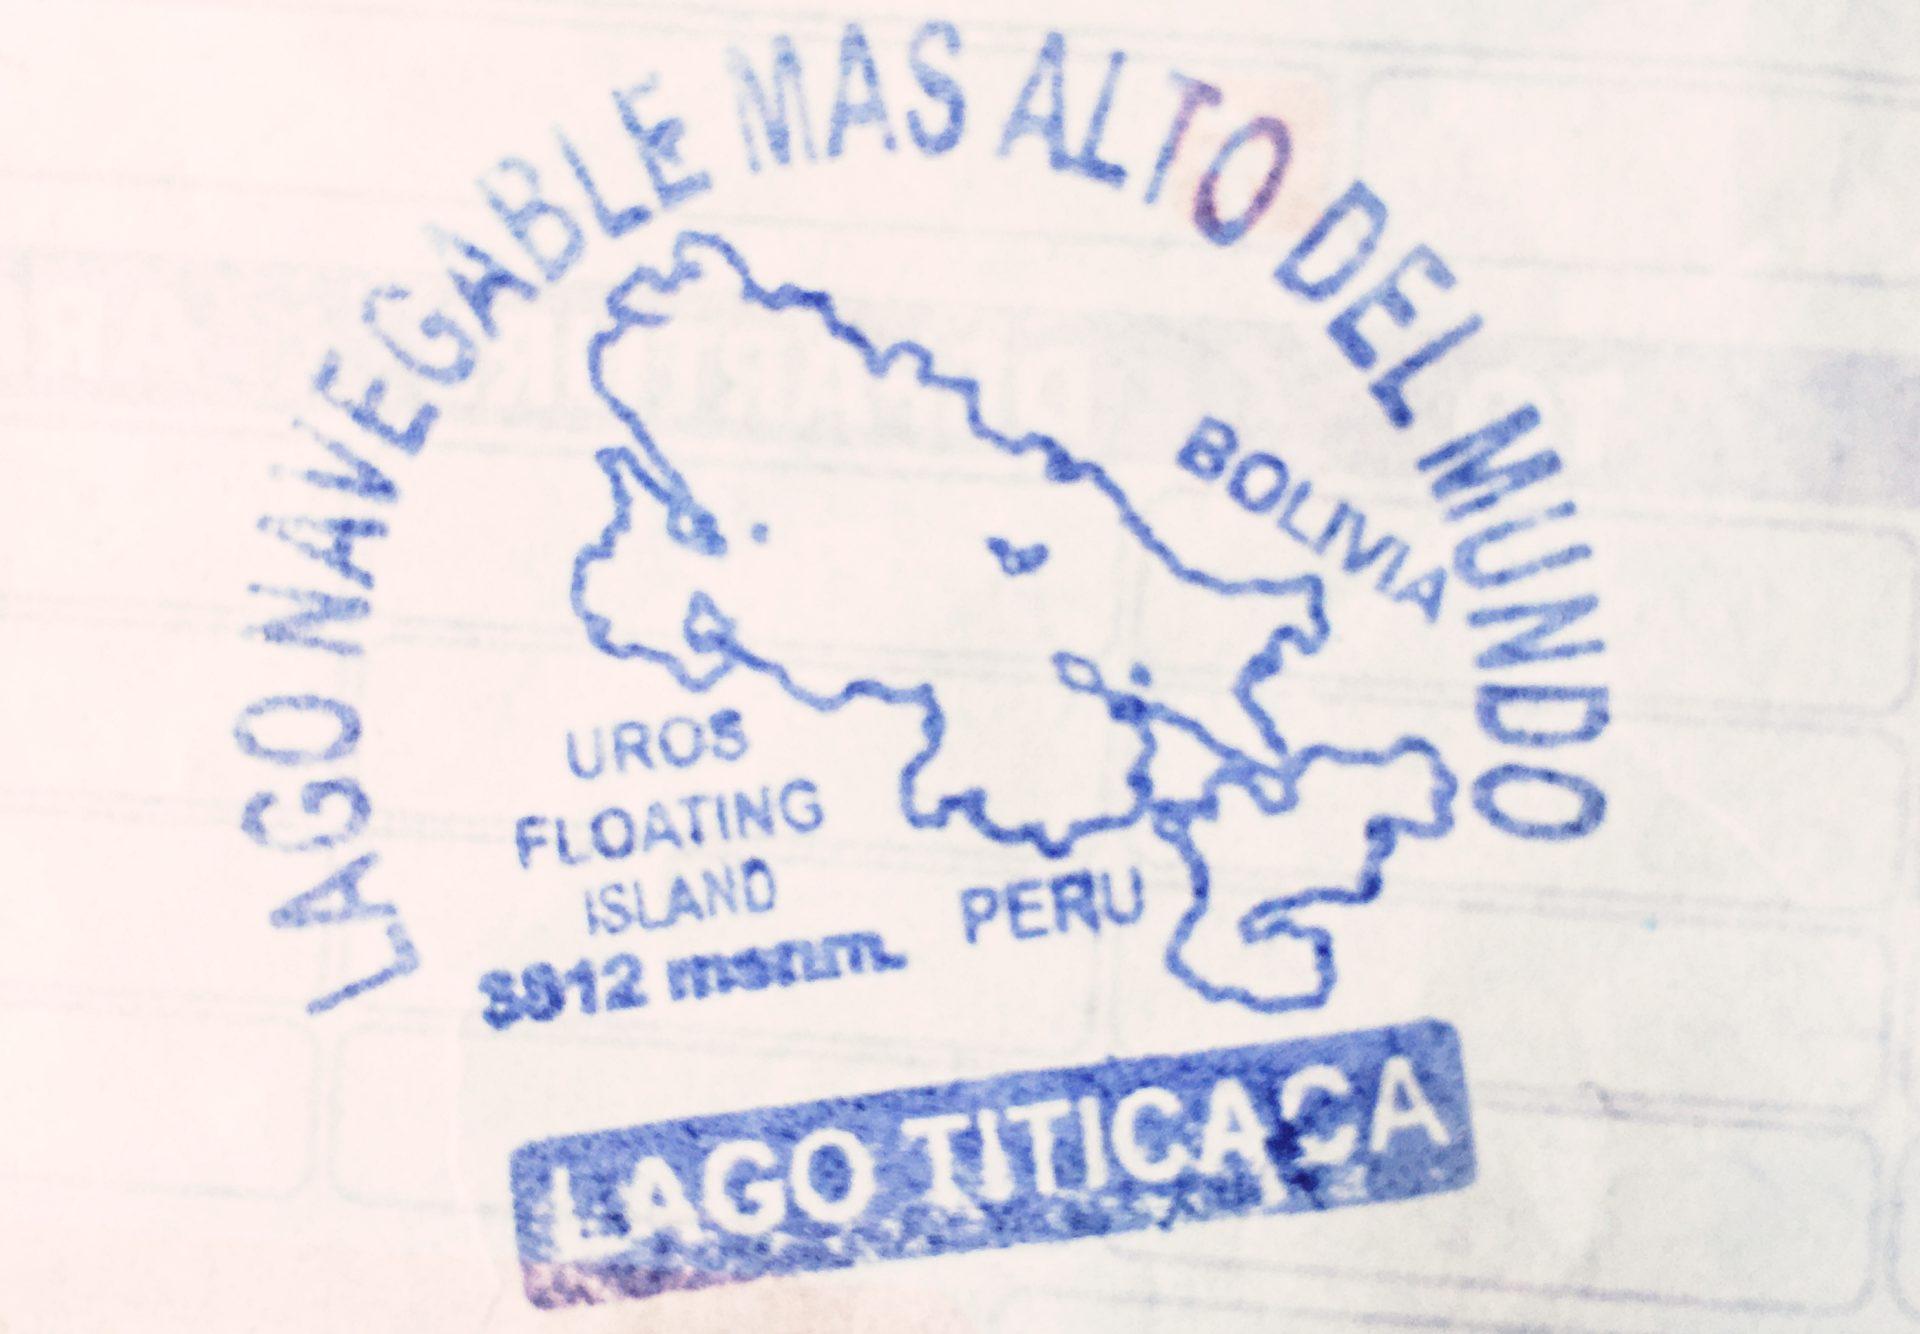 プーノ, チチカカ, 観光, Titicaca, Puno, ウロス, Uros, トトラ